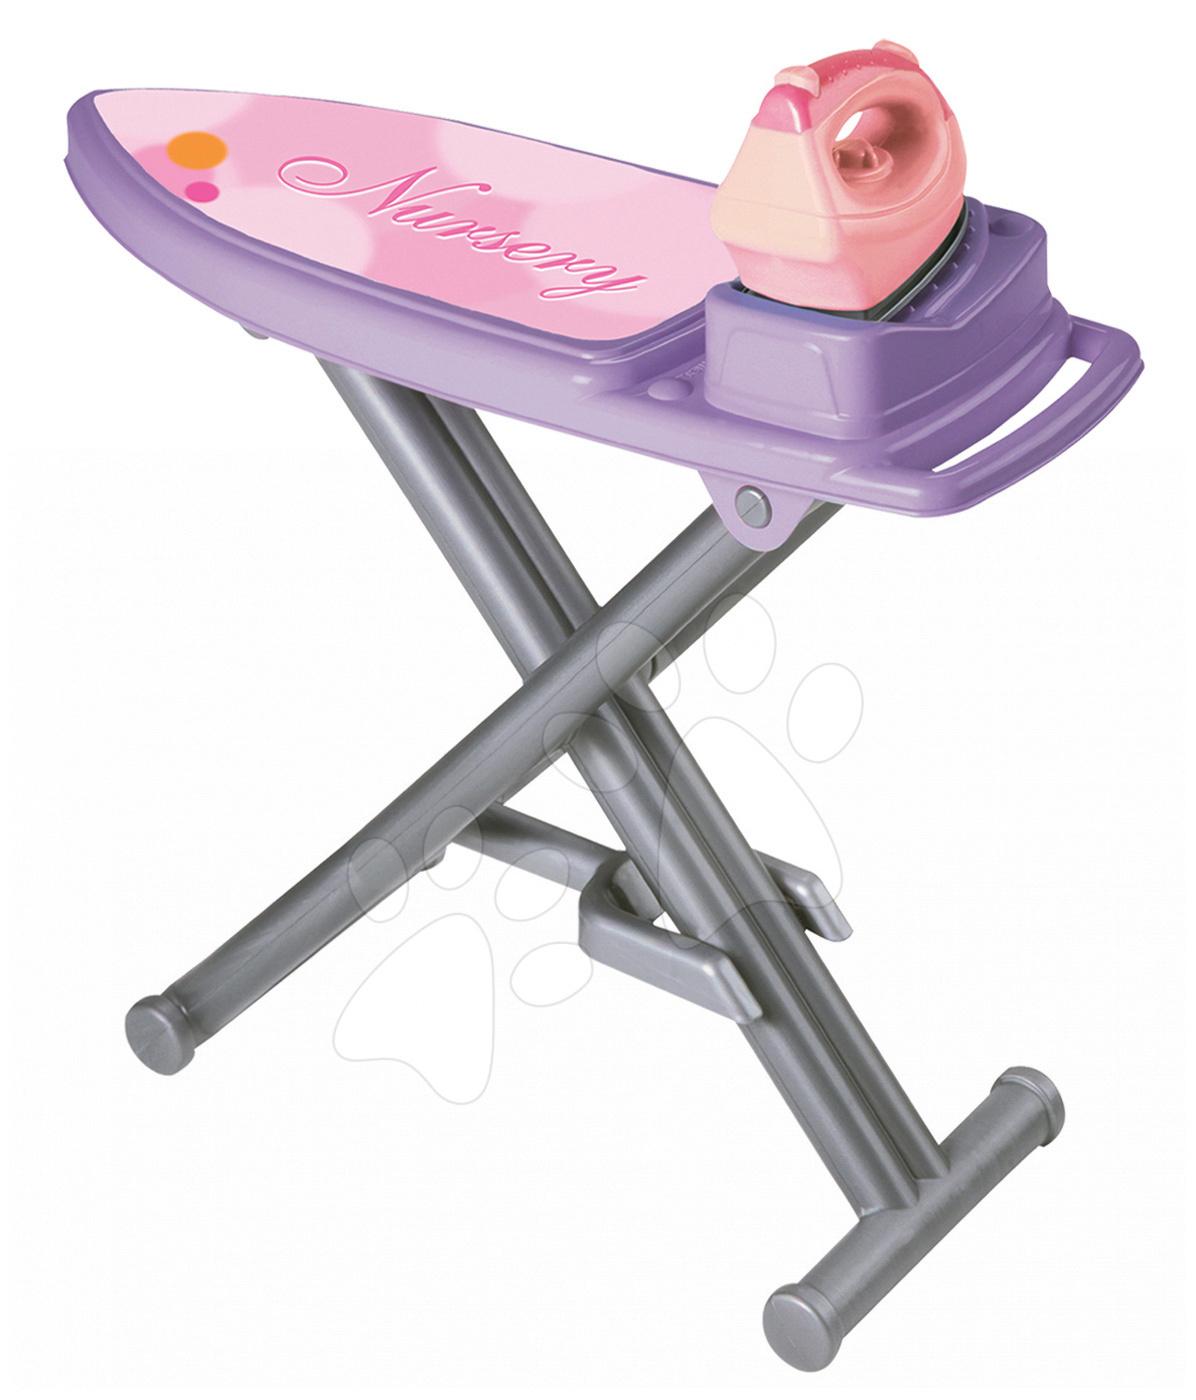 Hry na domácnost - Žehlicí prkno se žehličkou Écoiffier fialovo-růžový